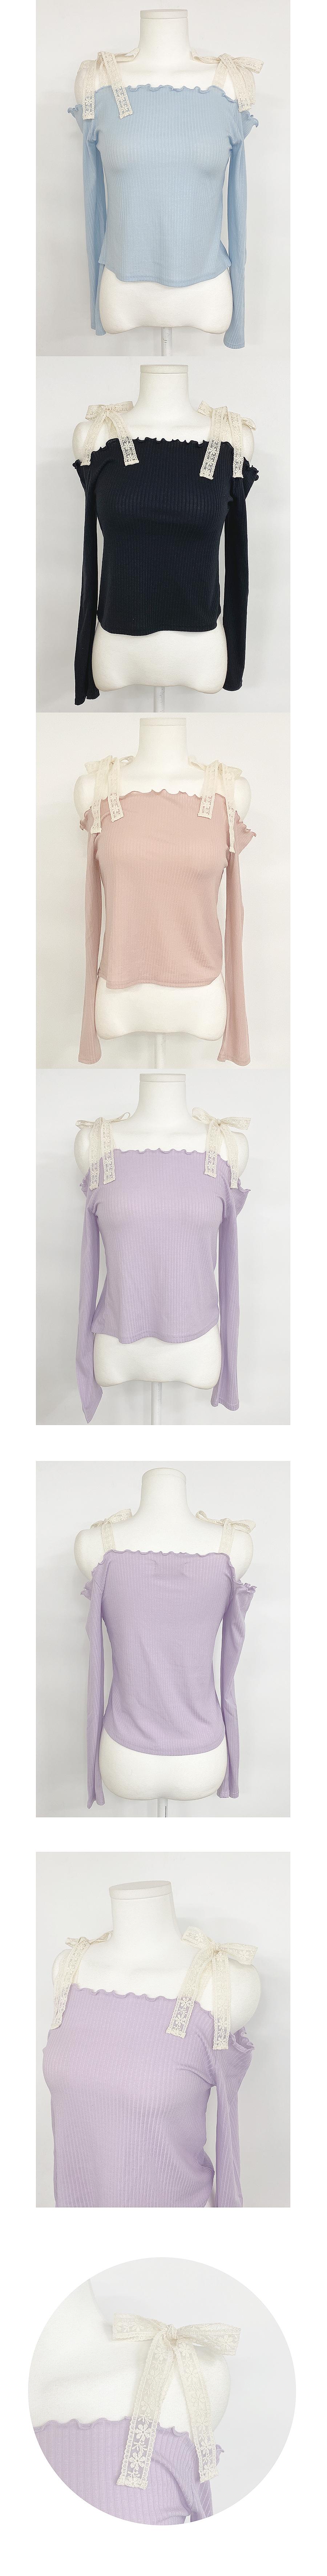 Yojo Lace Off Shoulder Knitwear 4color